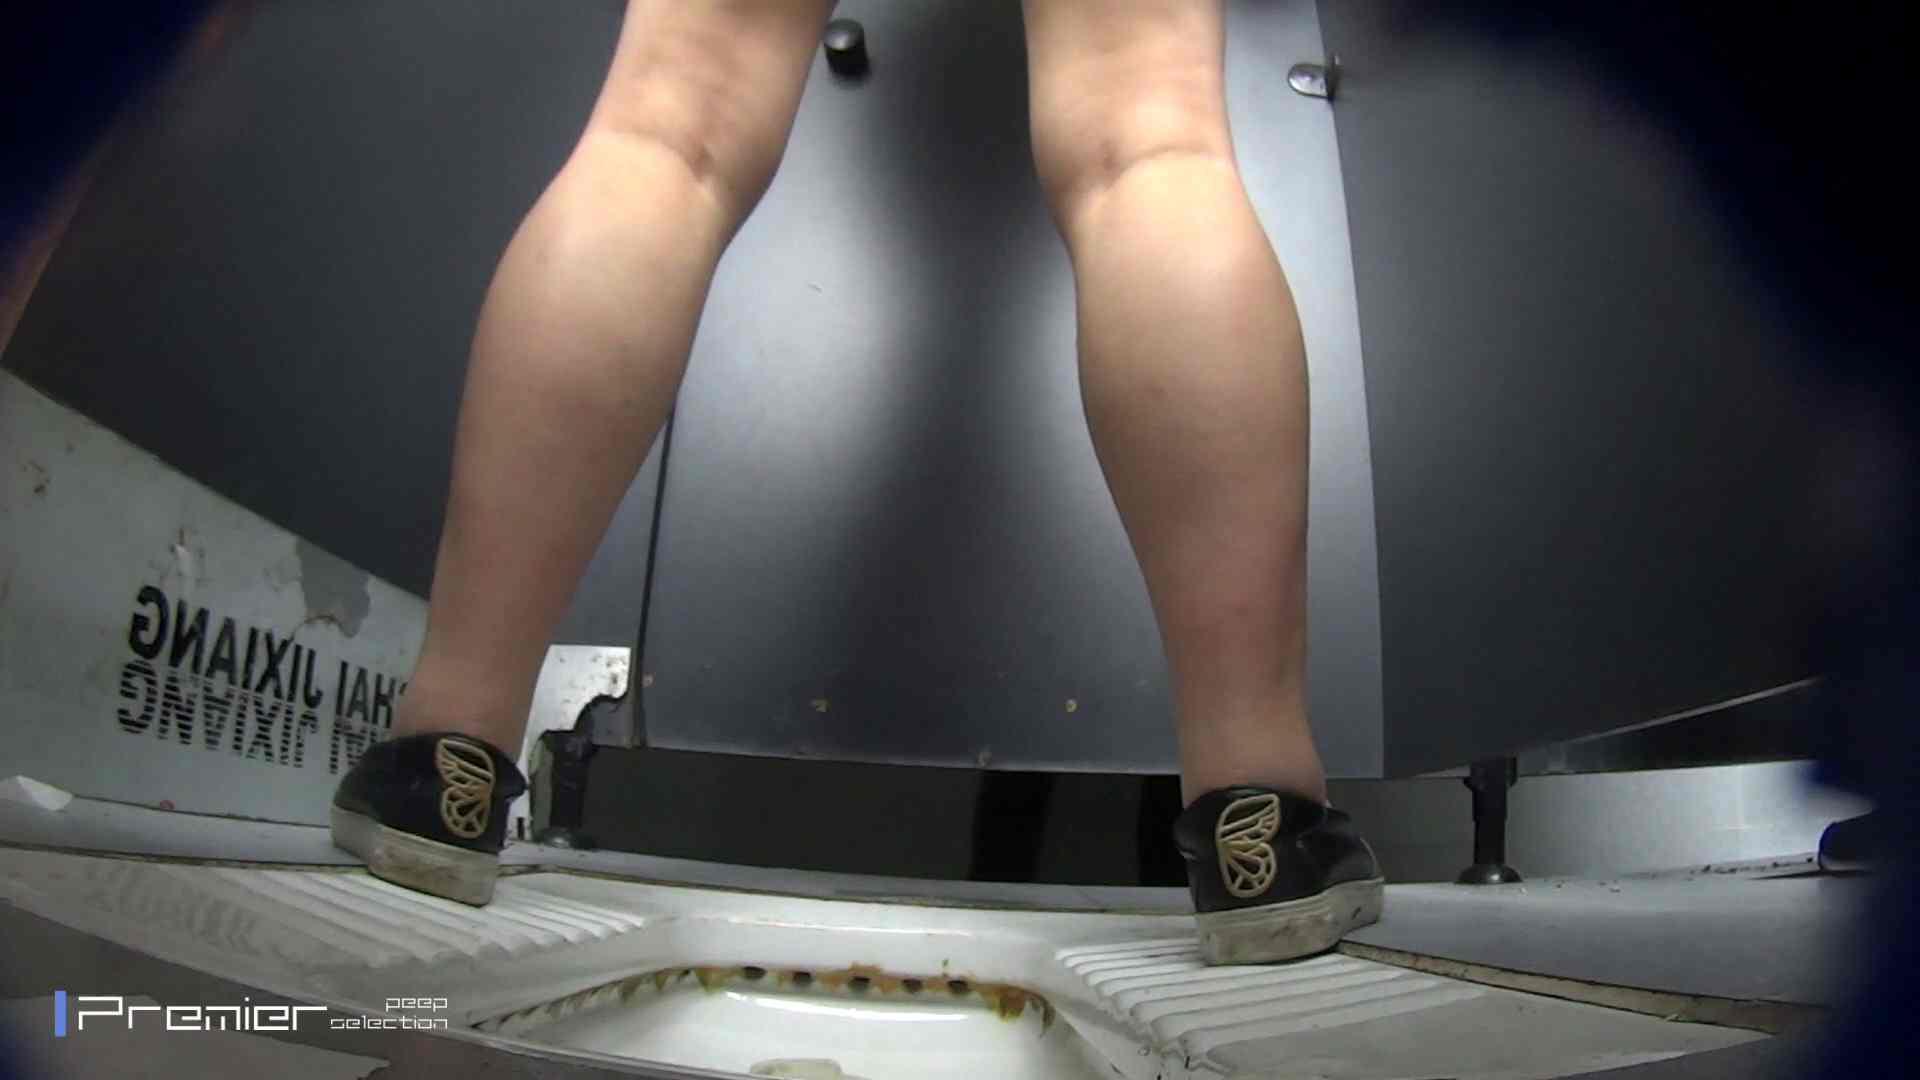 びゅーっと!オシッコ放出 大学休憩時間の洗面所事情47 高画質動画 スケベ動画紹介 105画像 18